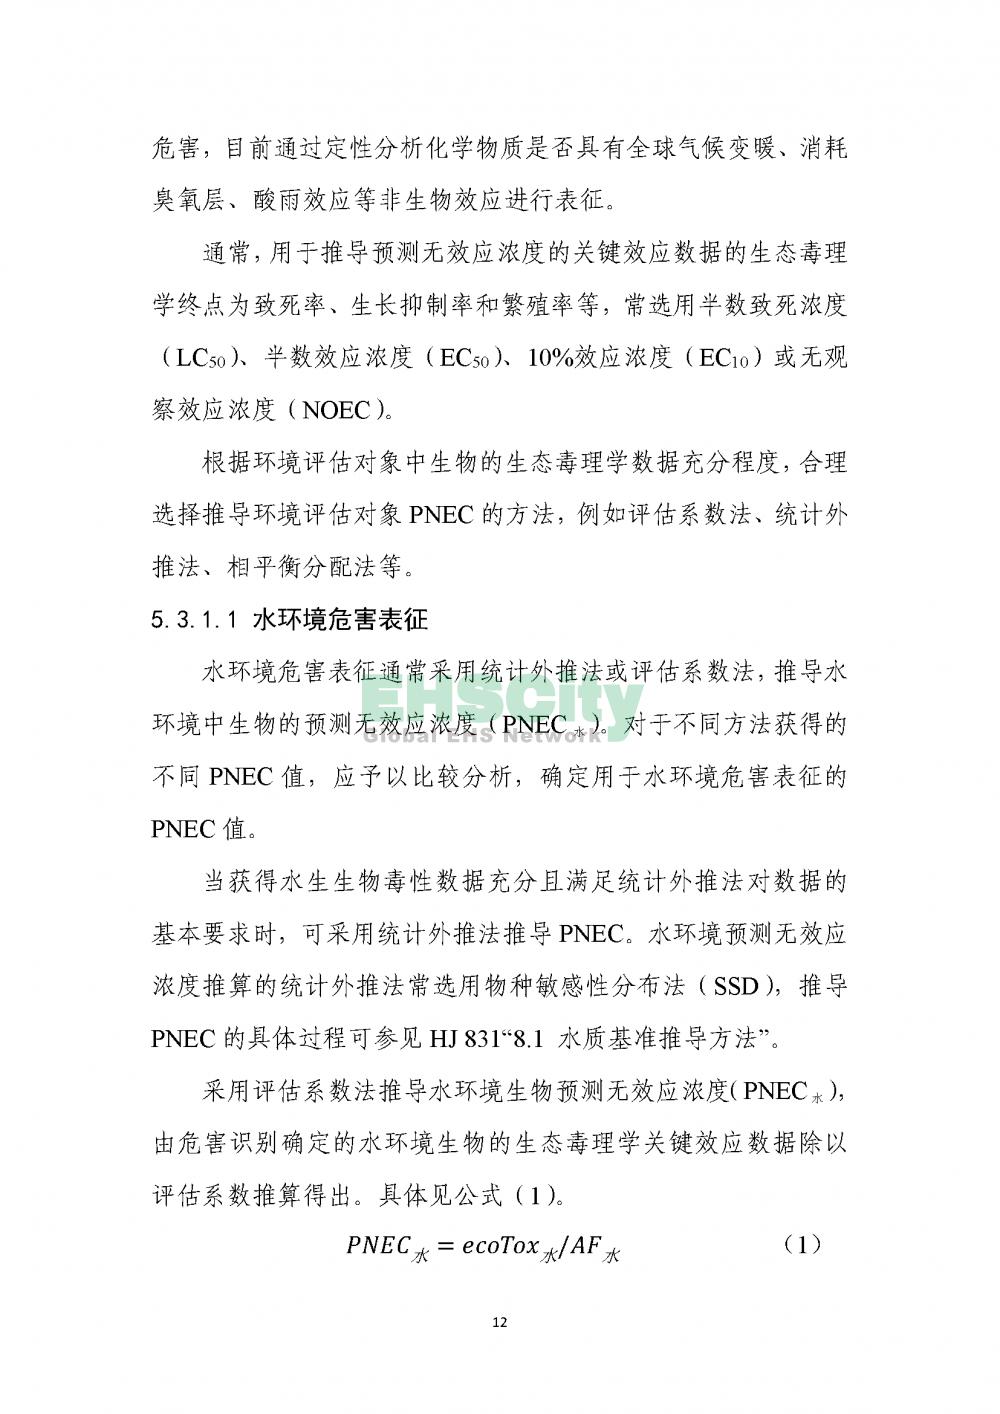 1化学物质环境与健康危害评估技术导则_页面_14